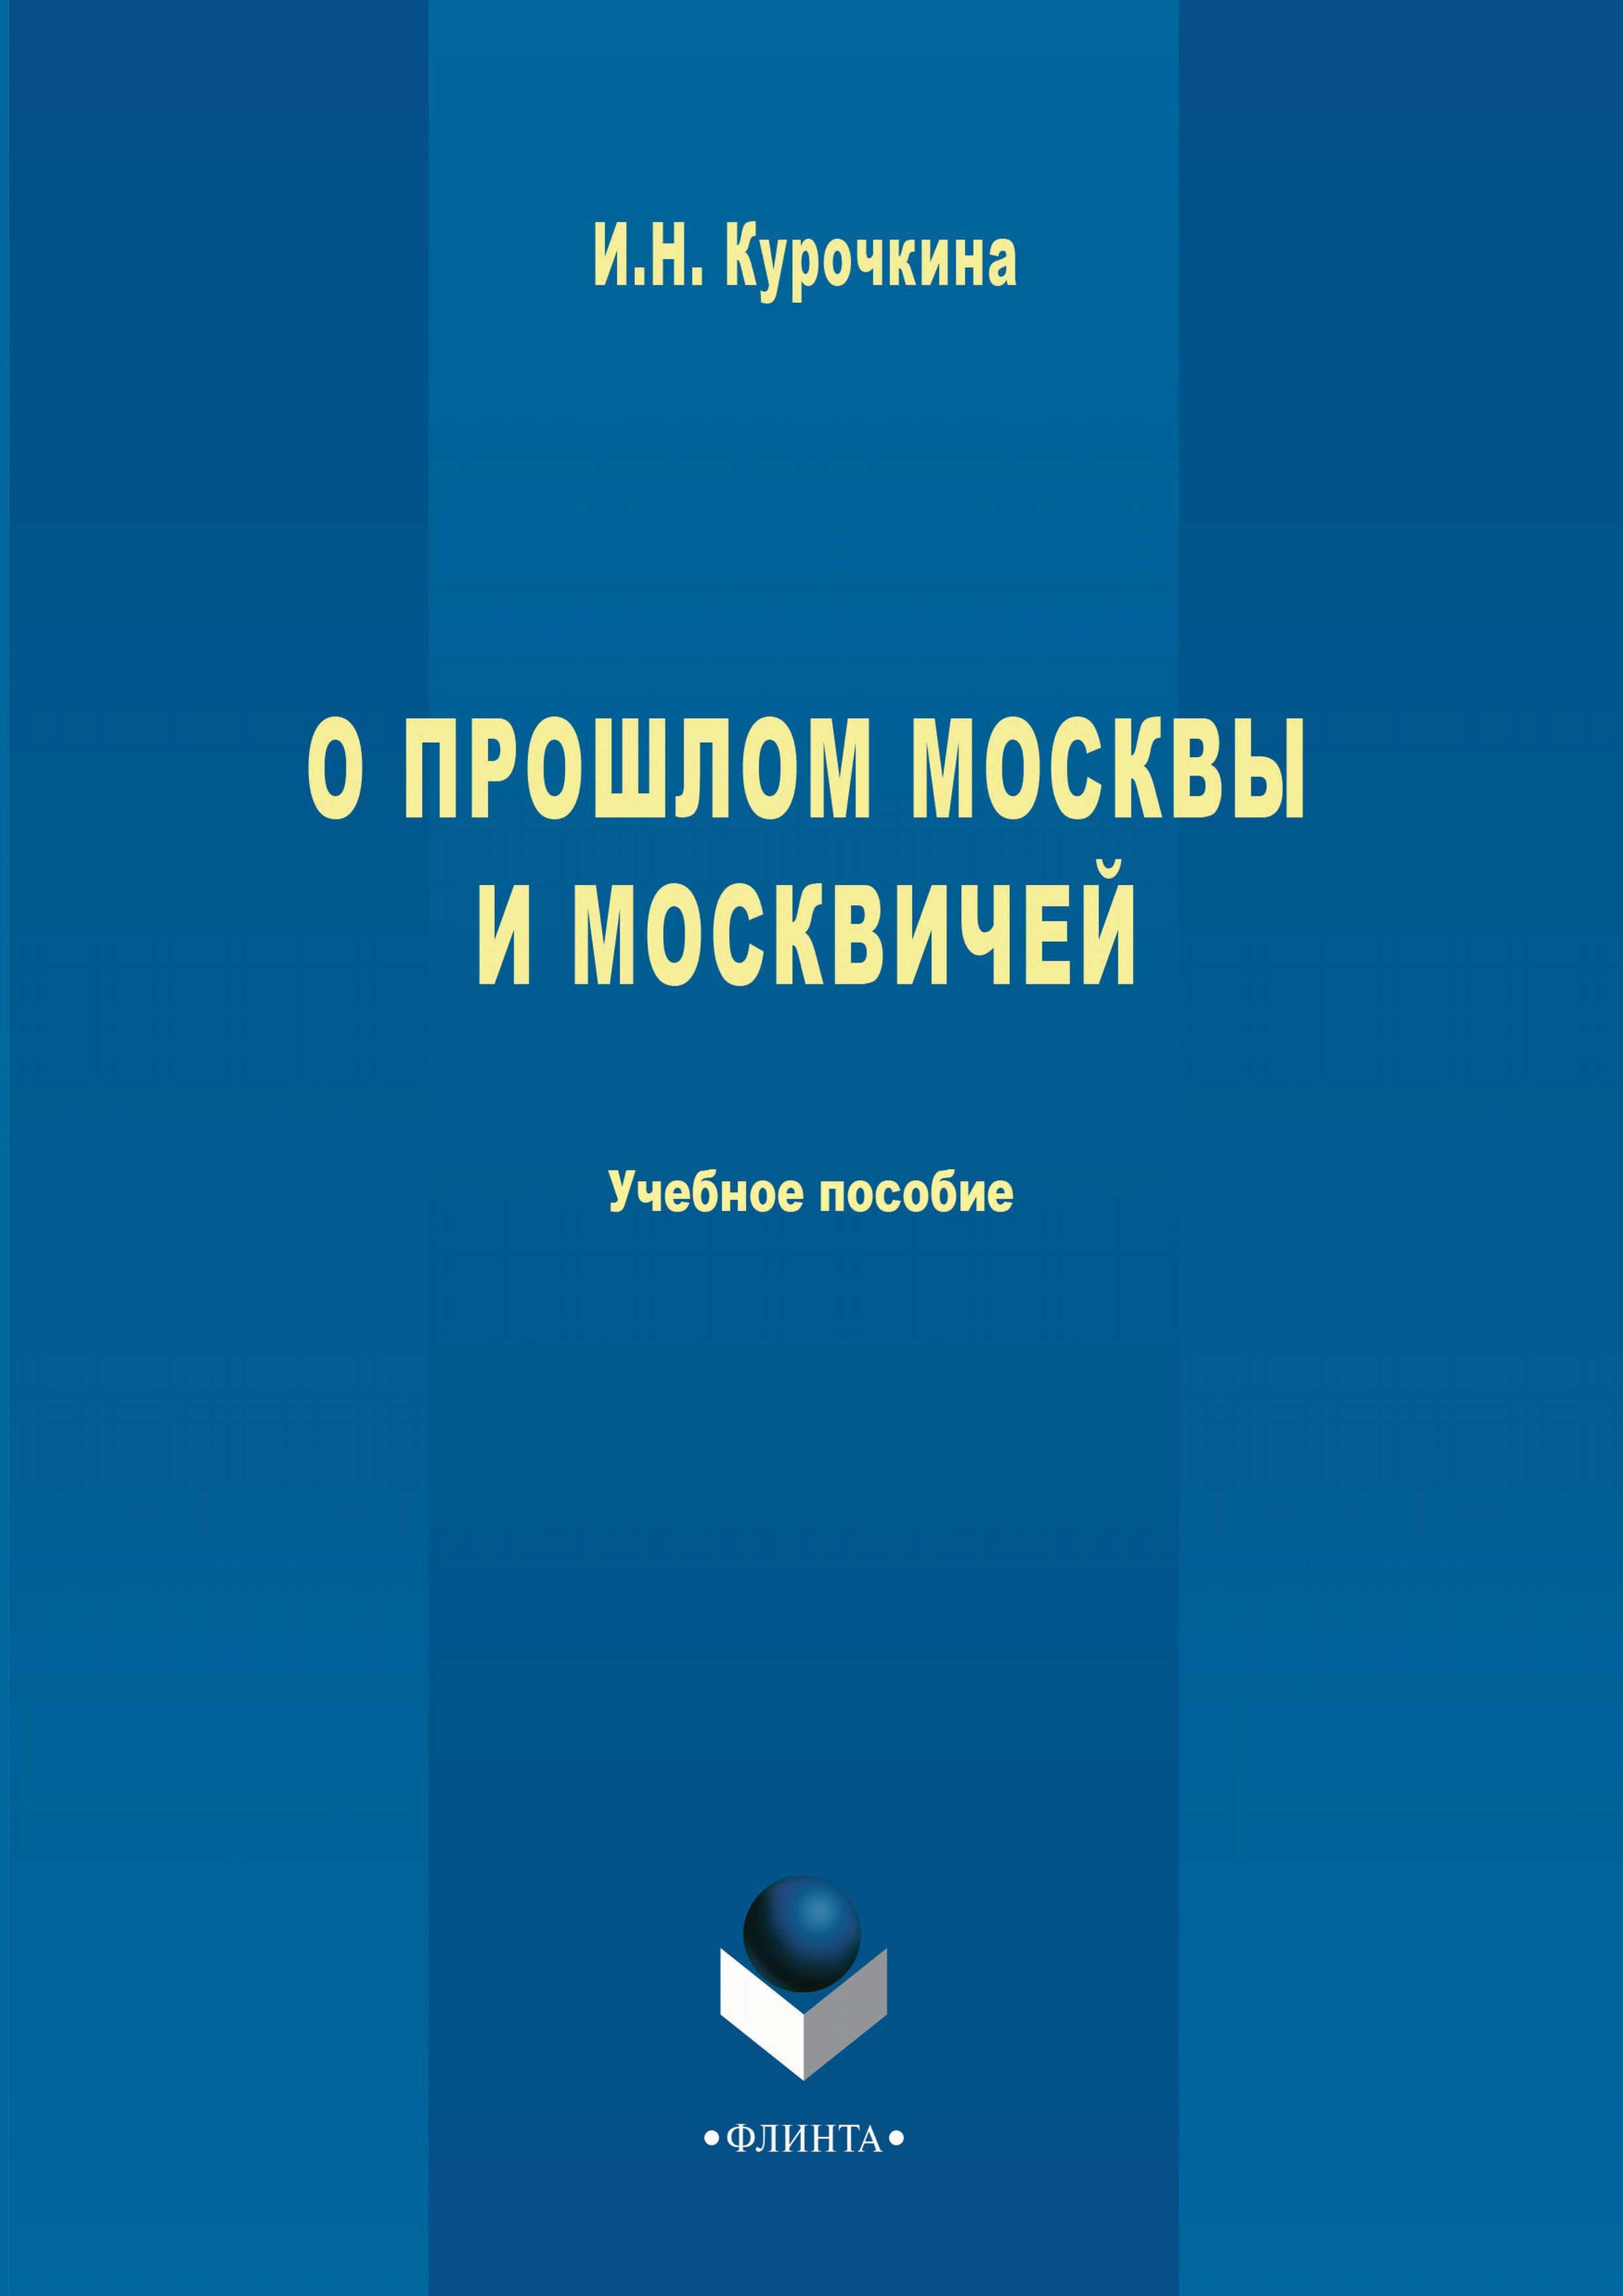 О прошлом Москвы и москвичей ( Ирина Николаевна Курочкина  )